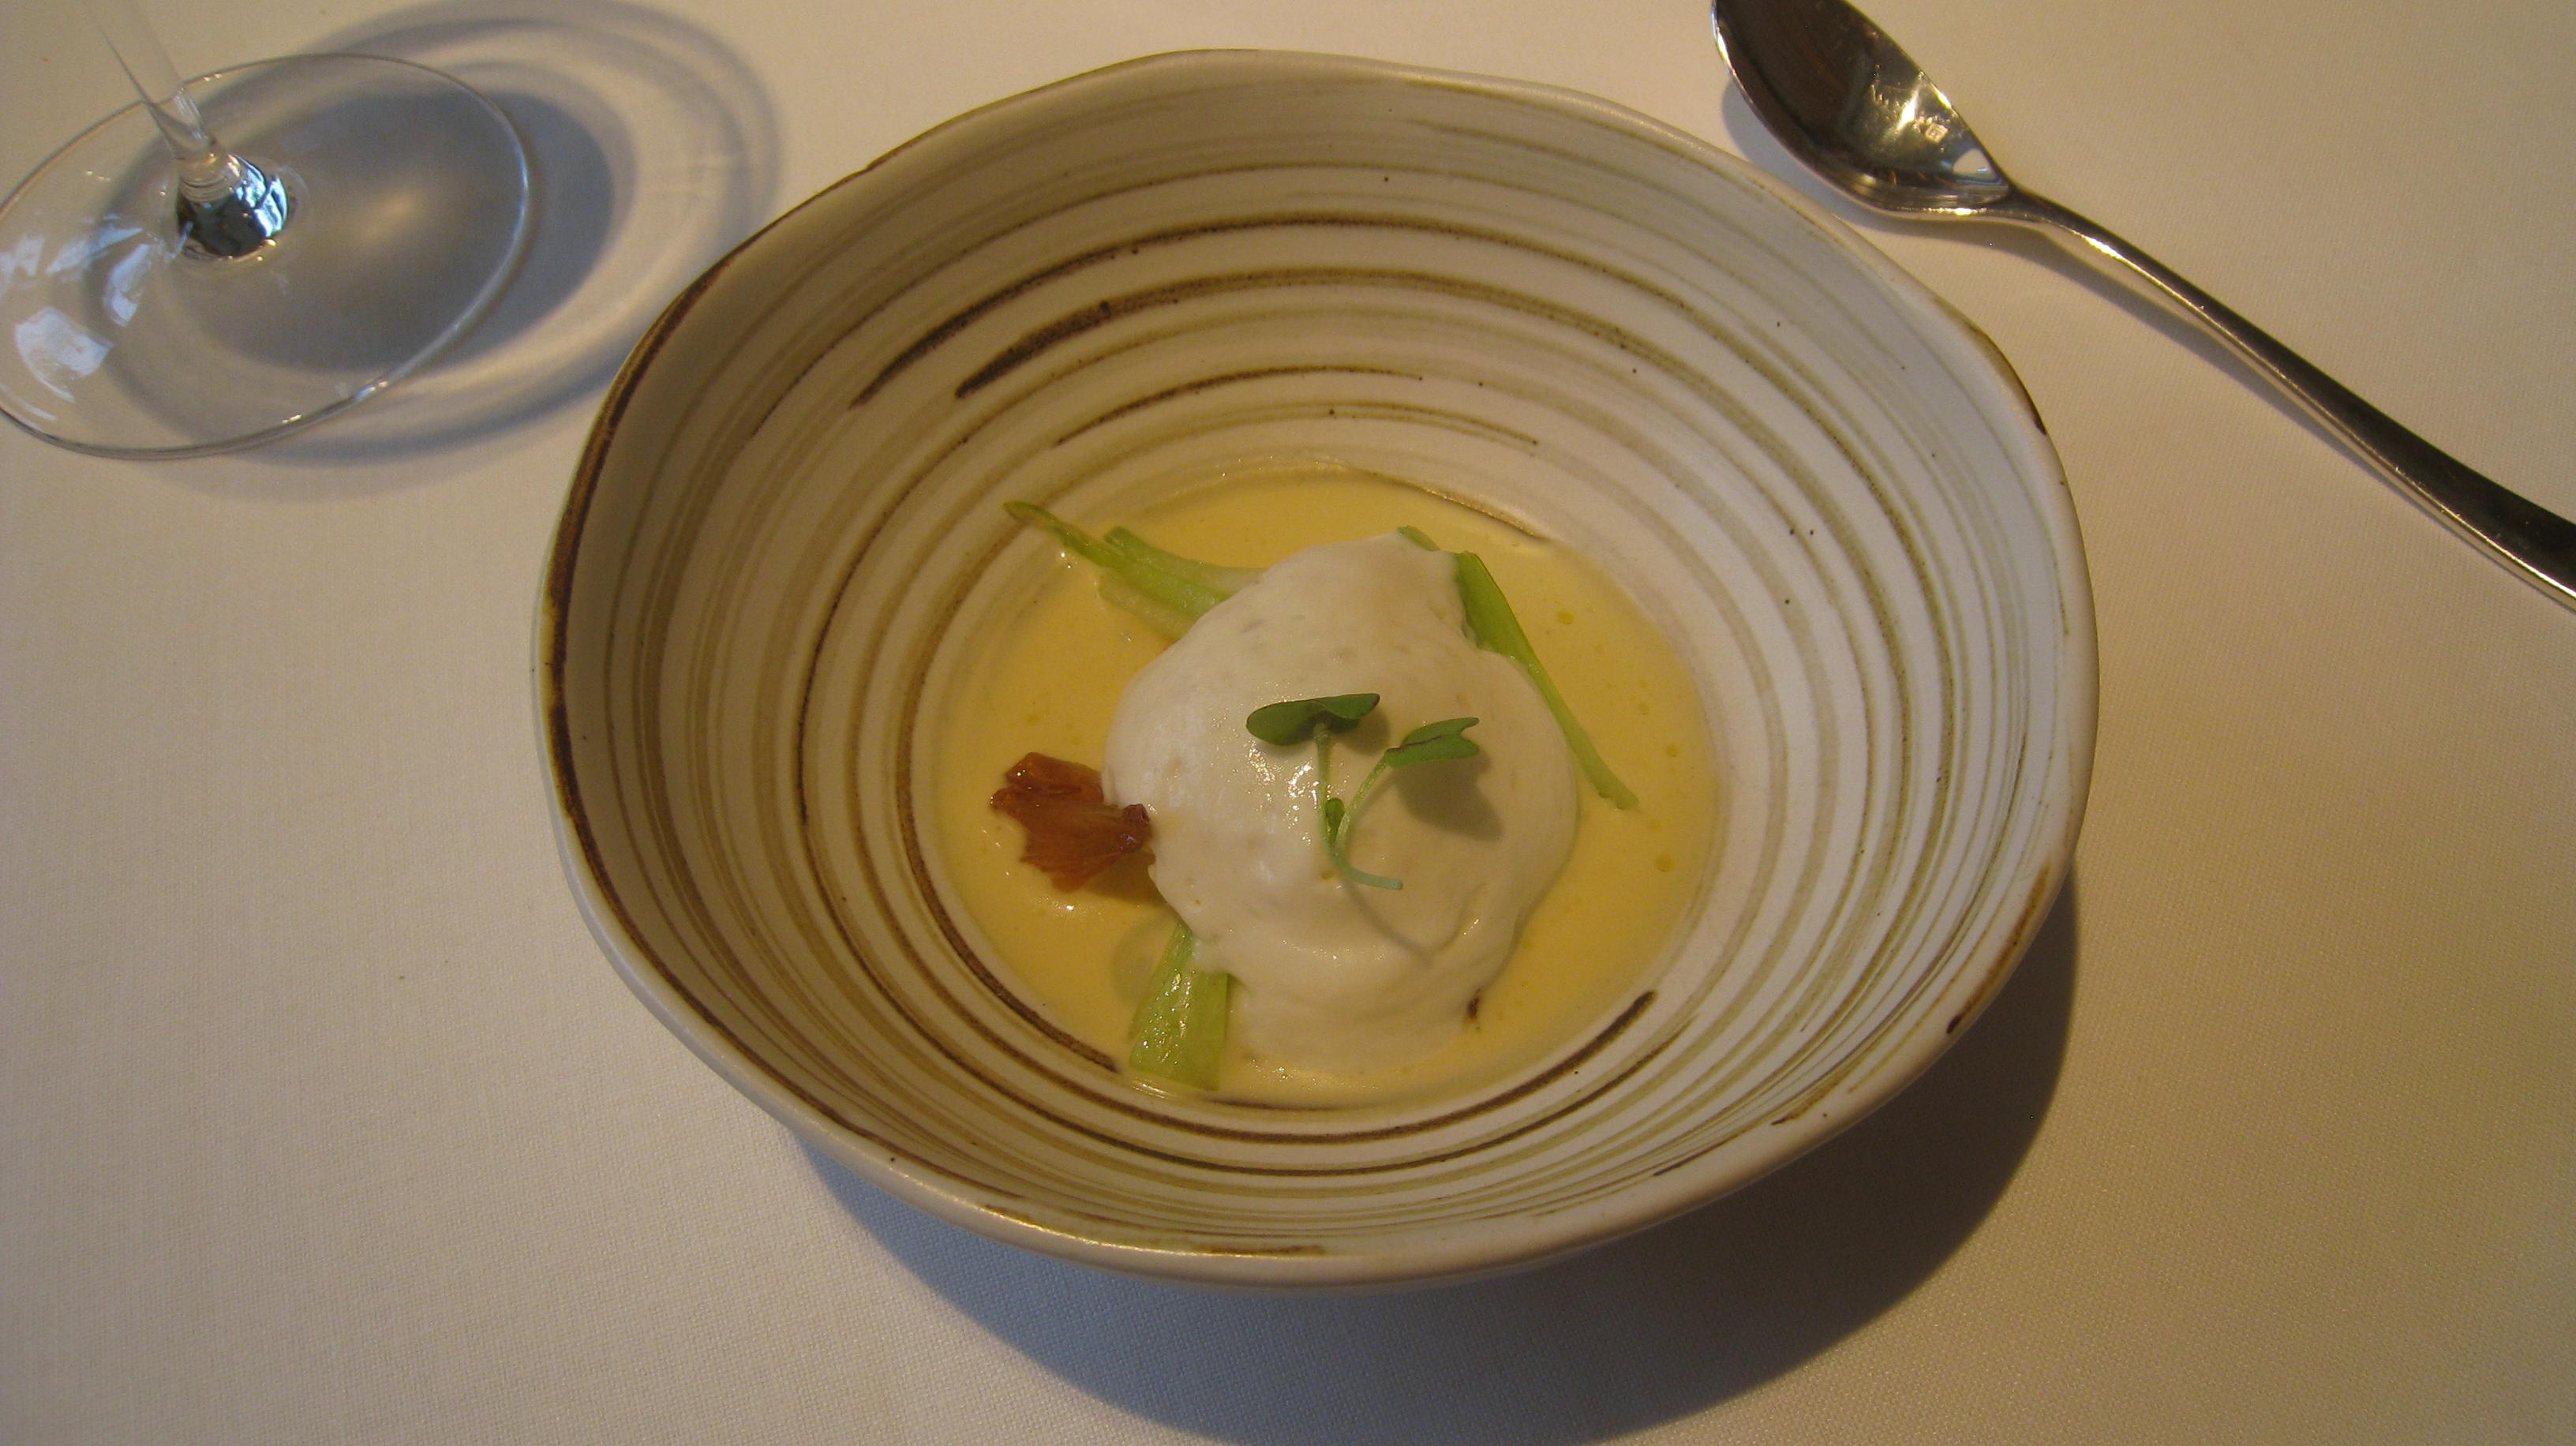 Salt-cod brandade with foam in an olive oil soup